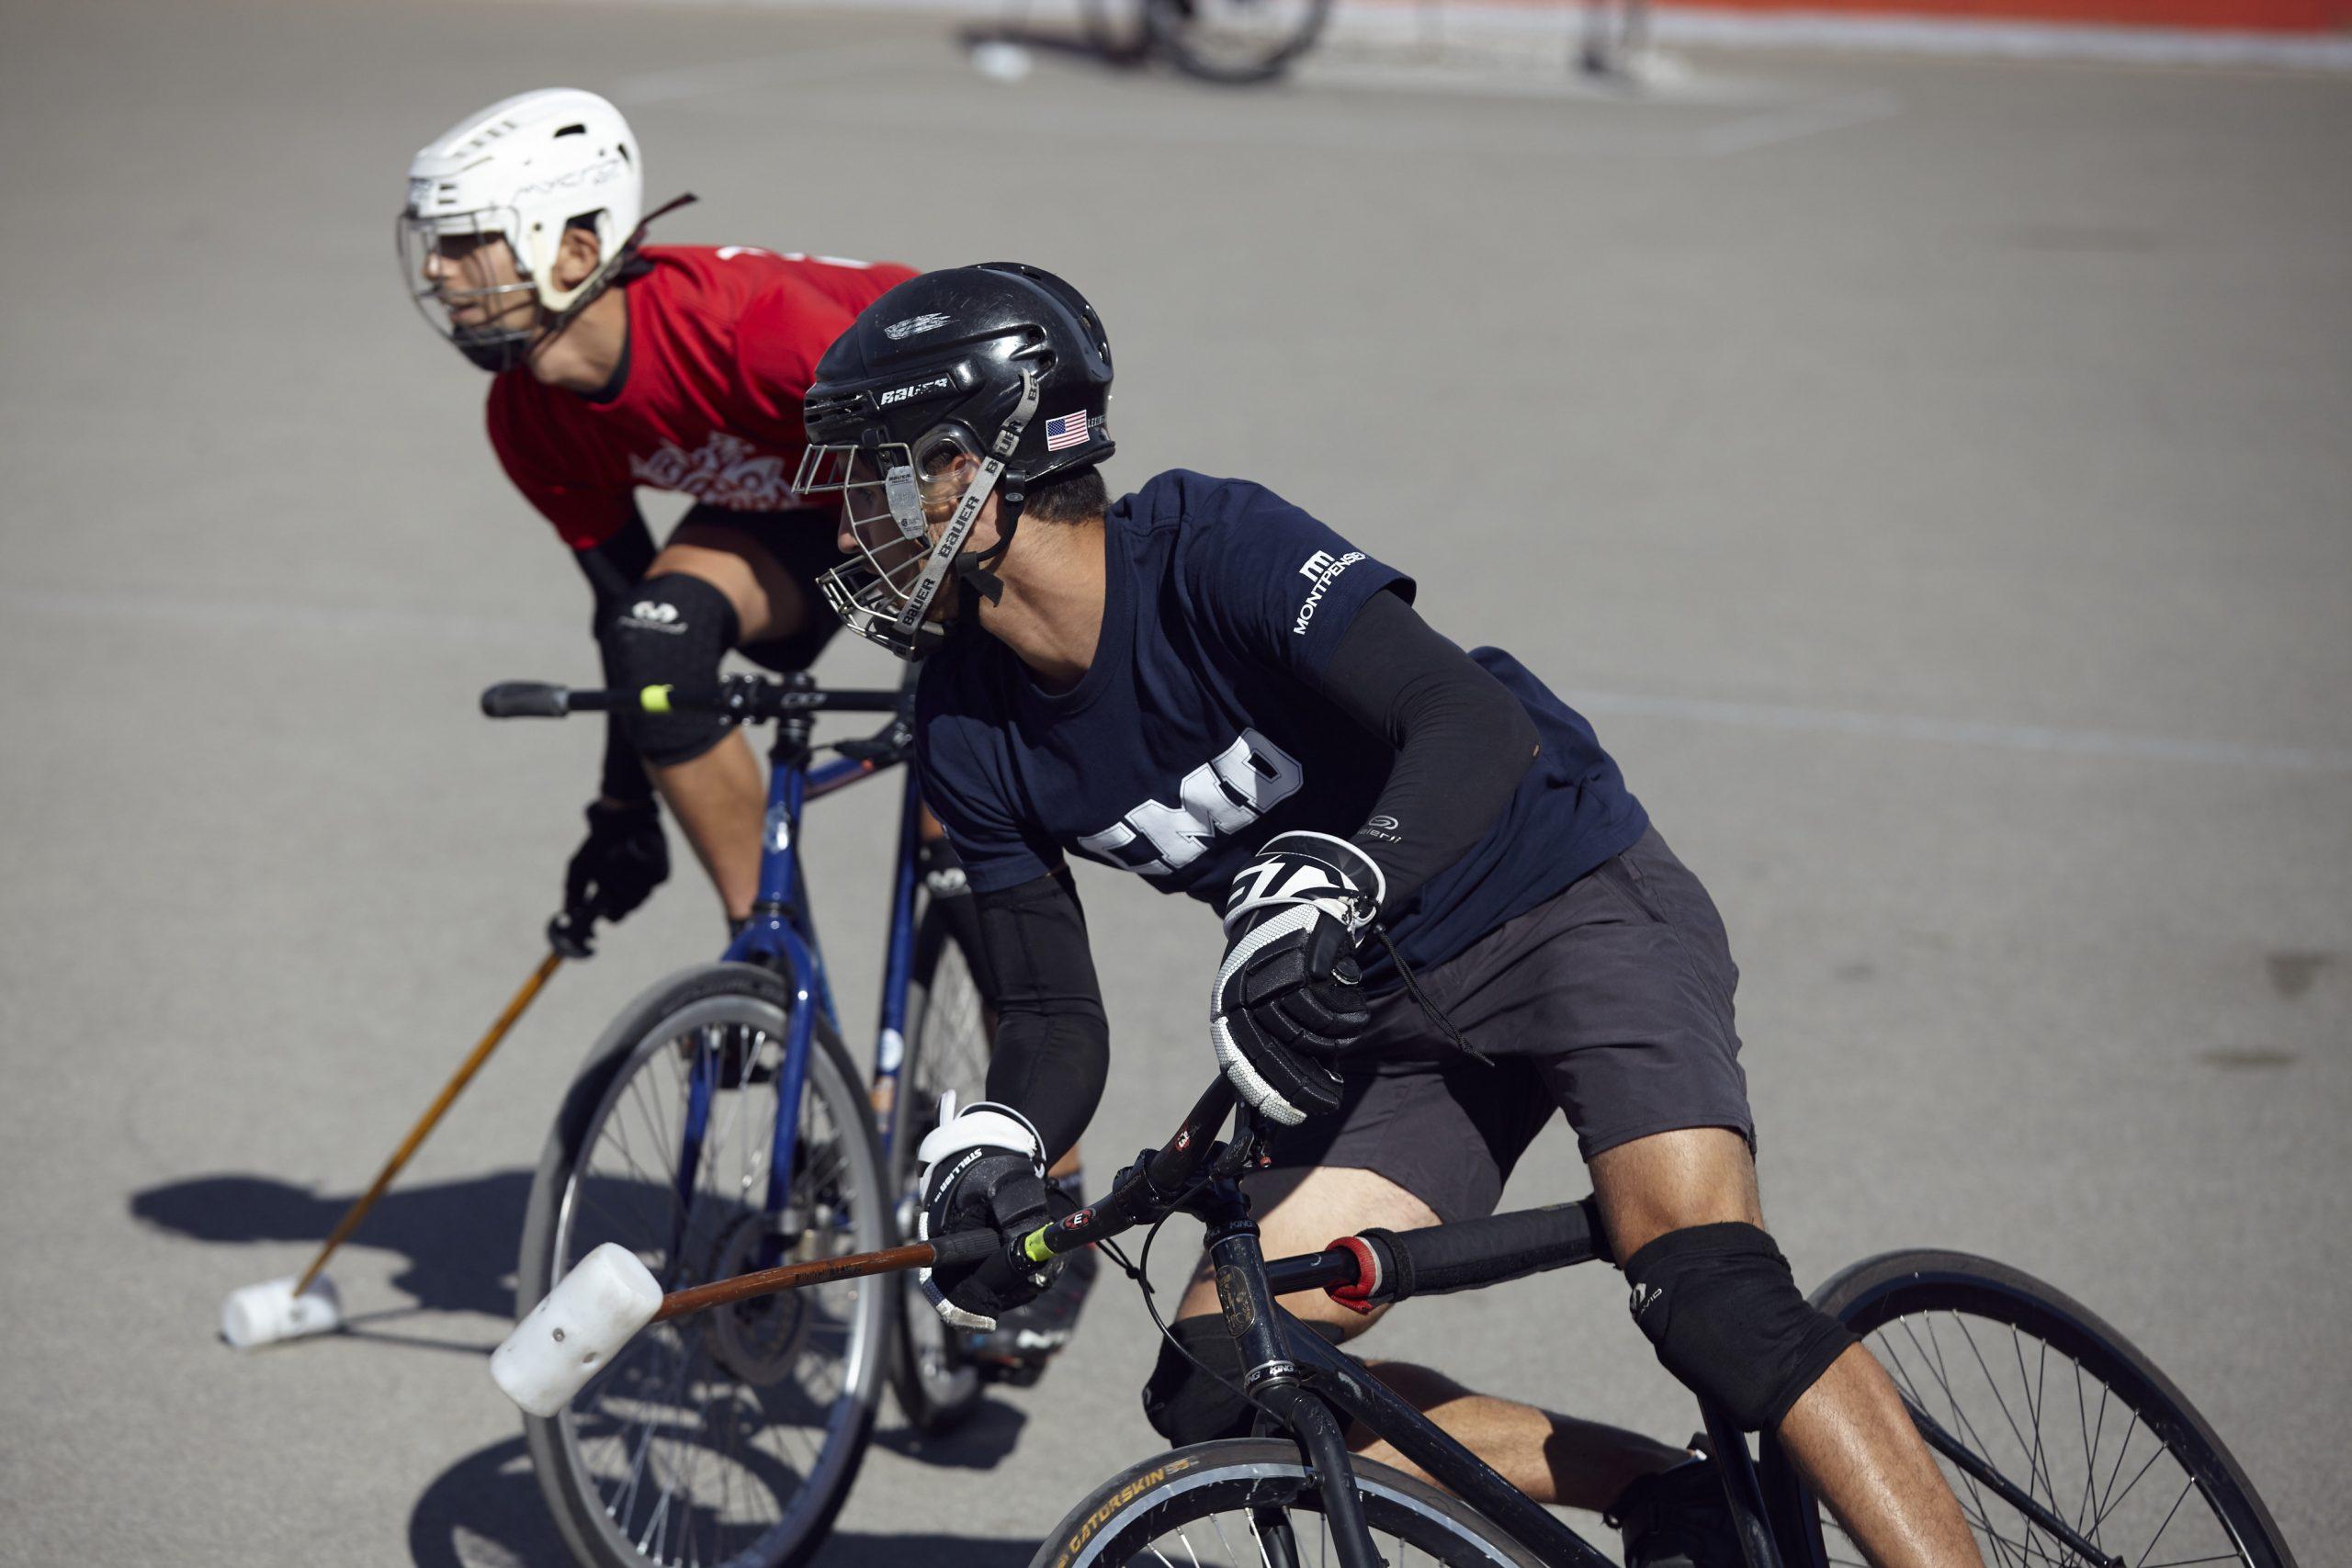 """Montpensier Finance sponsorise l'équipe française de Bike Polo """"Call me Daddy"""" aux championnats du monde 2017 aux Etats-Unis"""